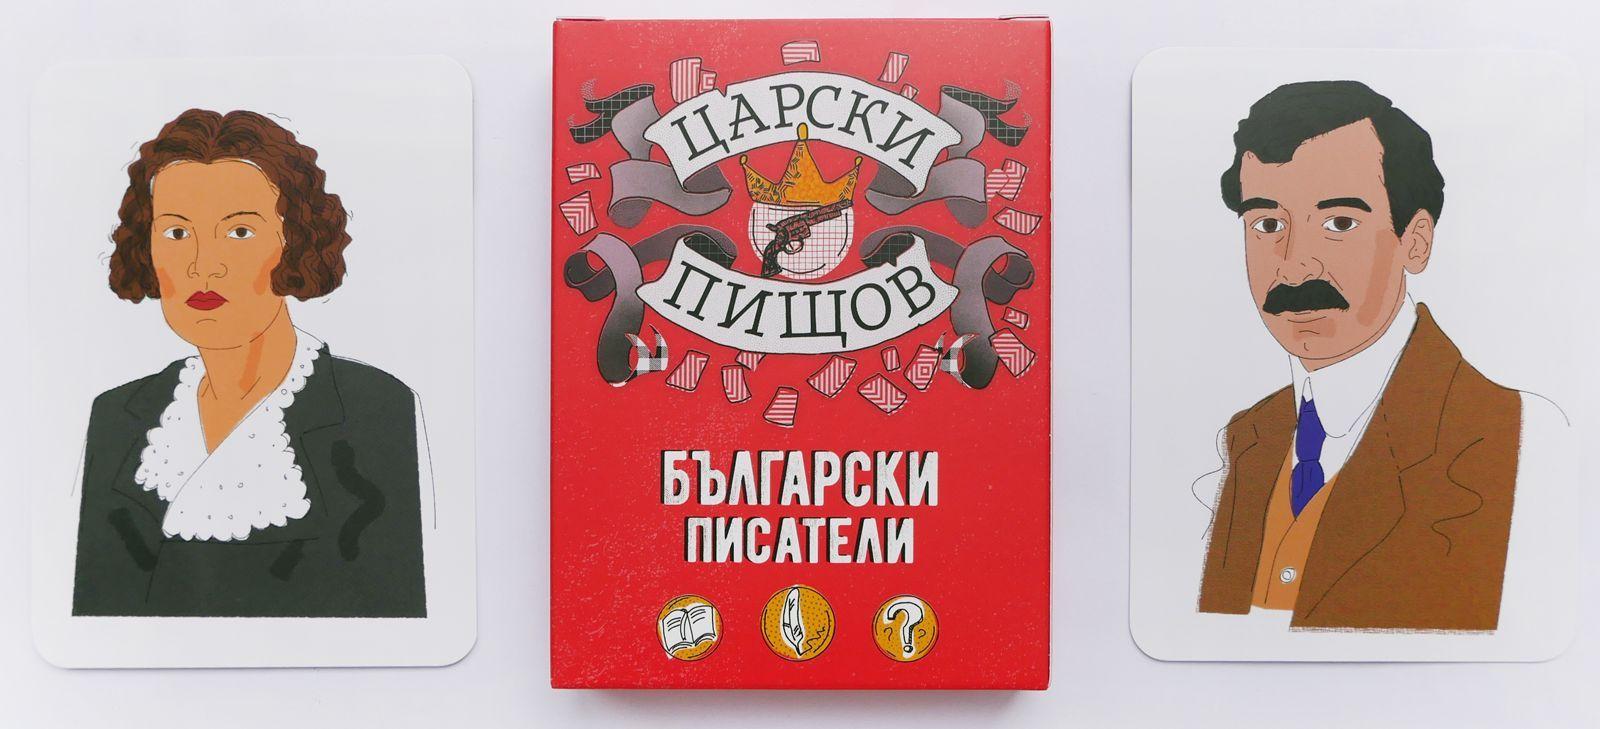 Царски пищов: Български писатели - 4